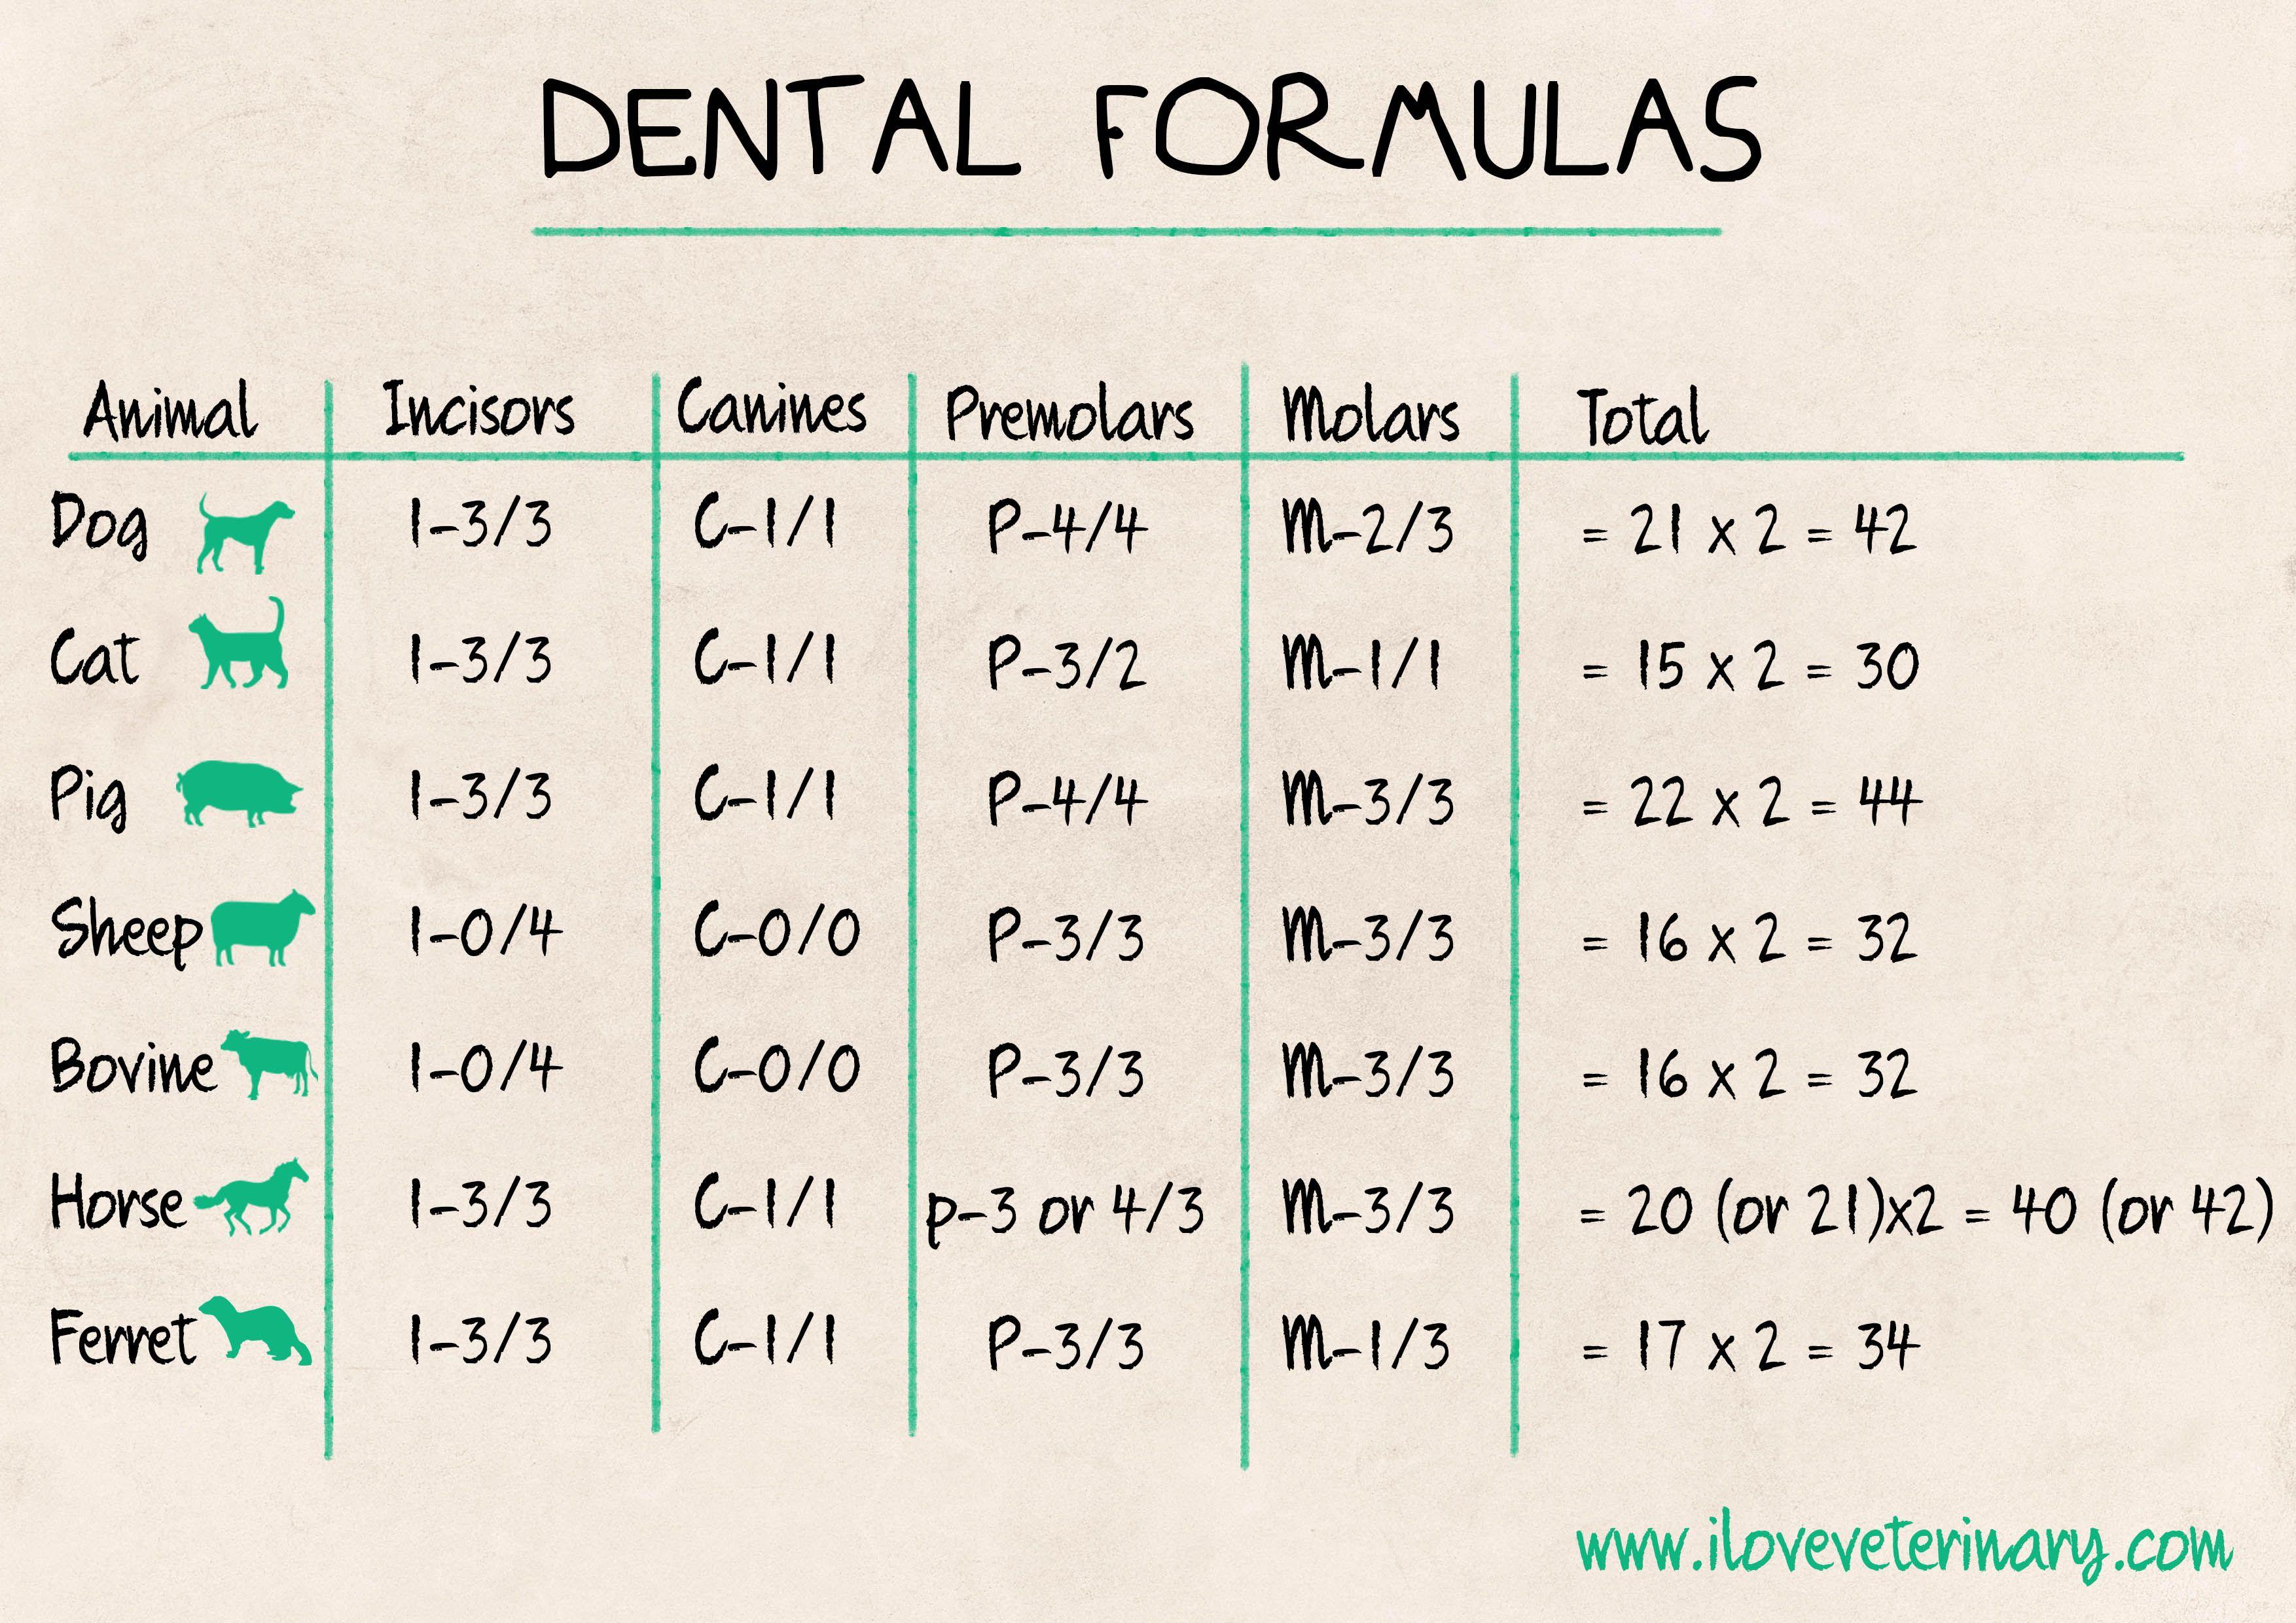 Dental formulas Vet tech school, Vet medicine